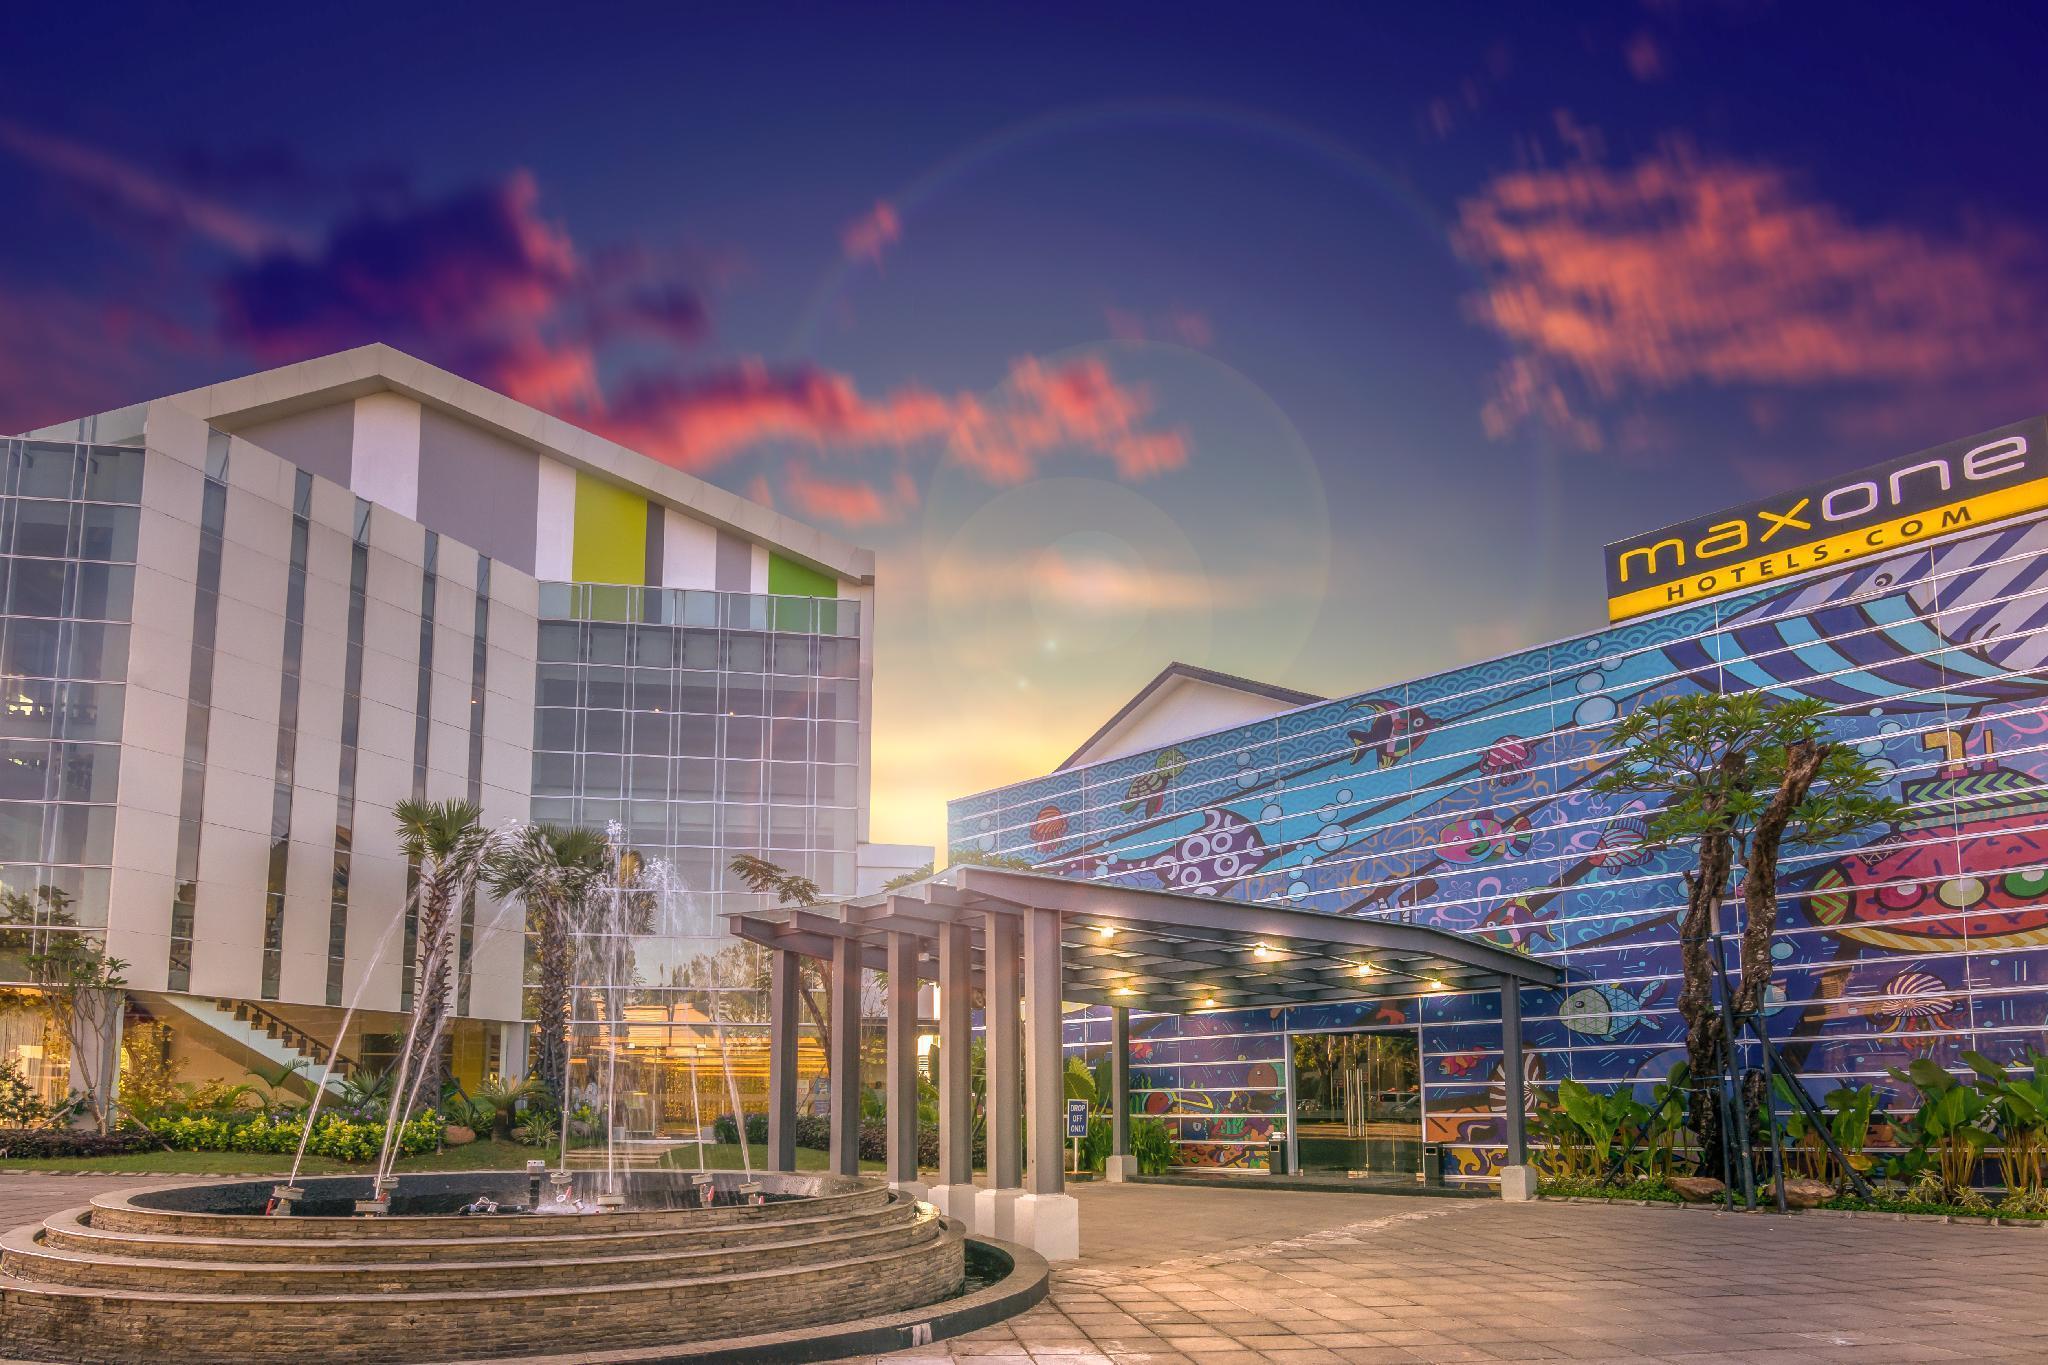 MaxOneHotels.com @ Resort Makassar